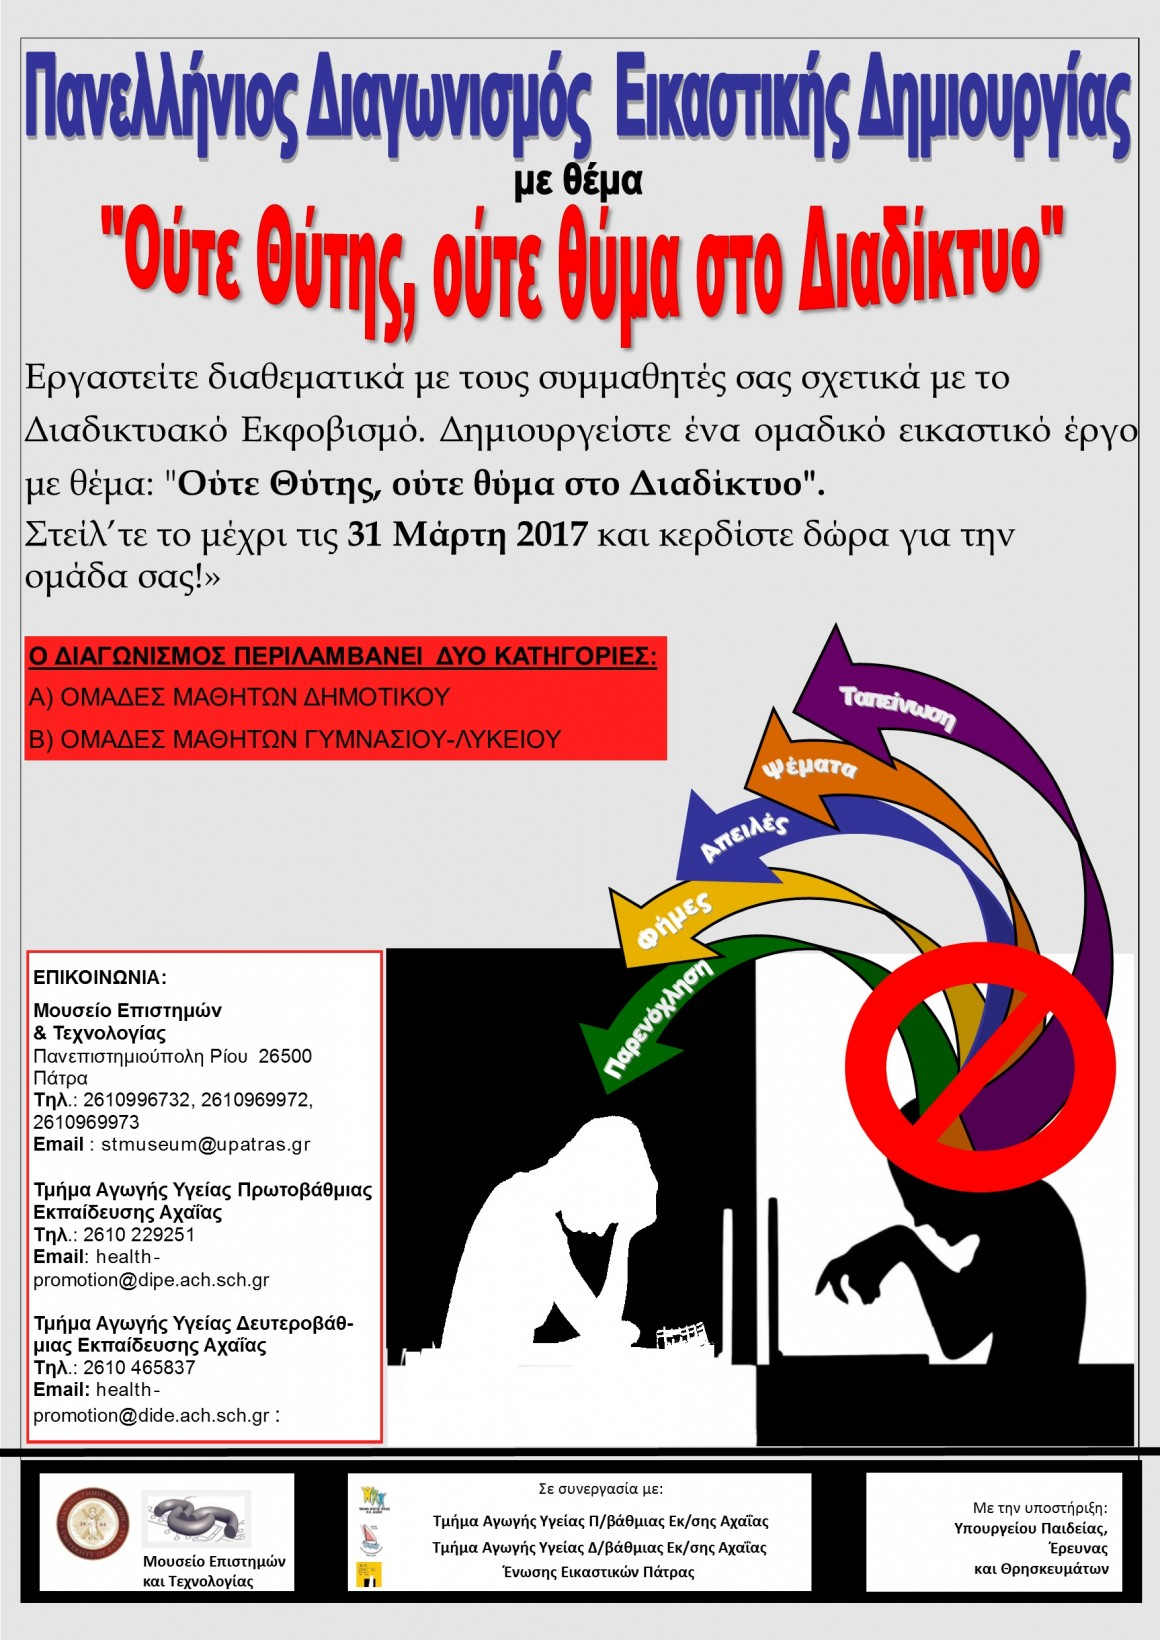 met_panellinios_diagonismos_oyte_thytis_oyte_thyma_afisa2